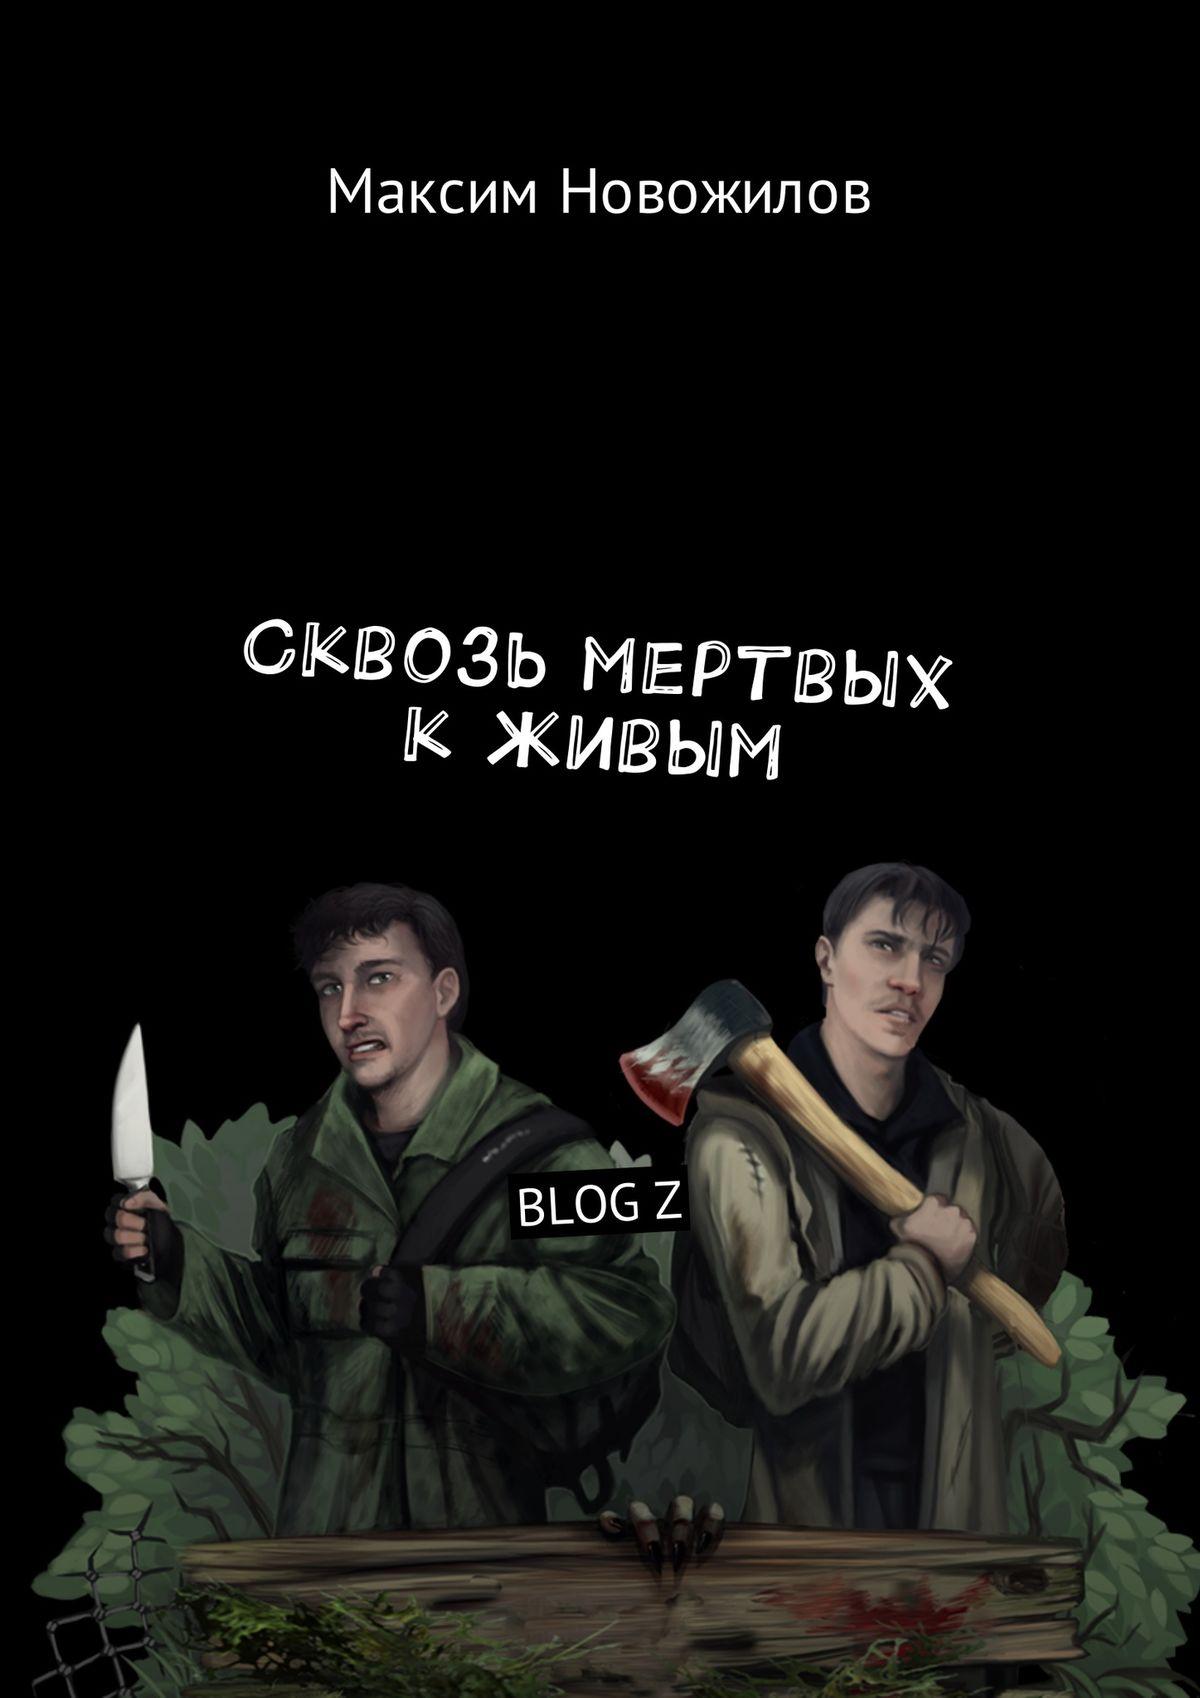 Максим Новожилов Сквозь мертвых к живым. BLOGZ визитницы и кредитницы piquadro pu1243p15 blu3